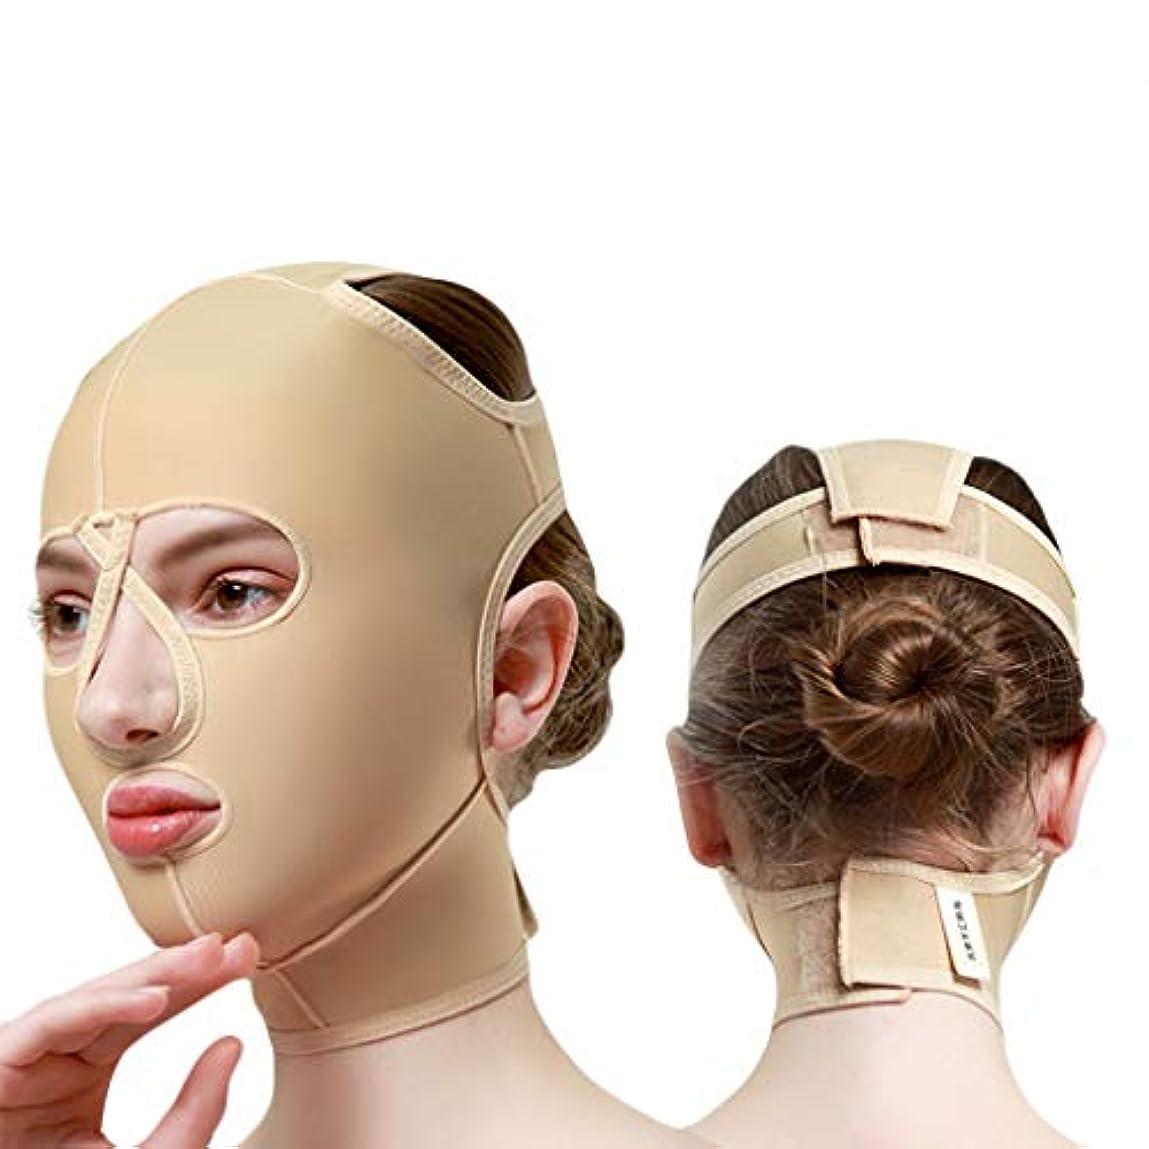 霧深い北米転送XHLMRMJ あごのストラップ、顔の彫刻ツール、リフティングマスク、ダブルチンリデューサー、フェイスリフティングエラスティックマスク女性 (Size : XL)